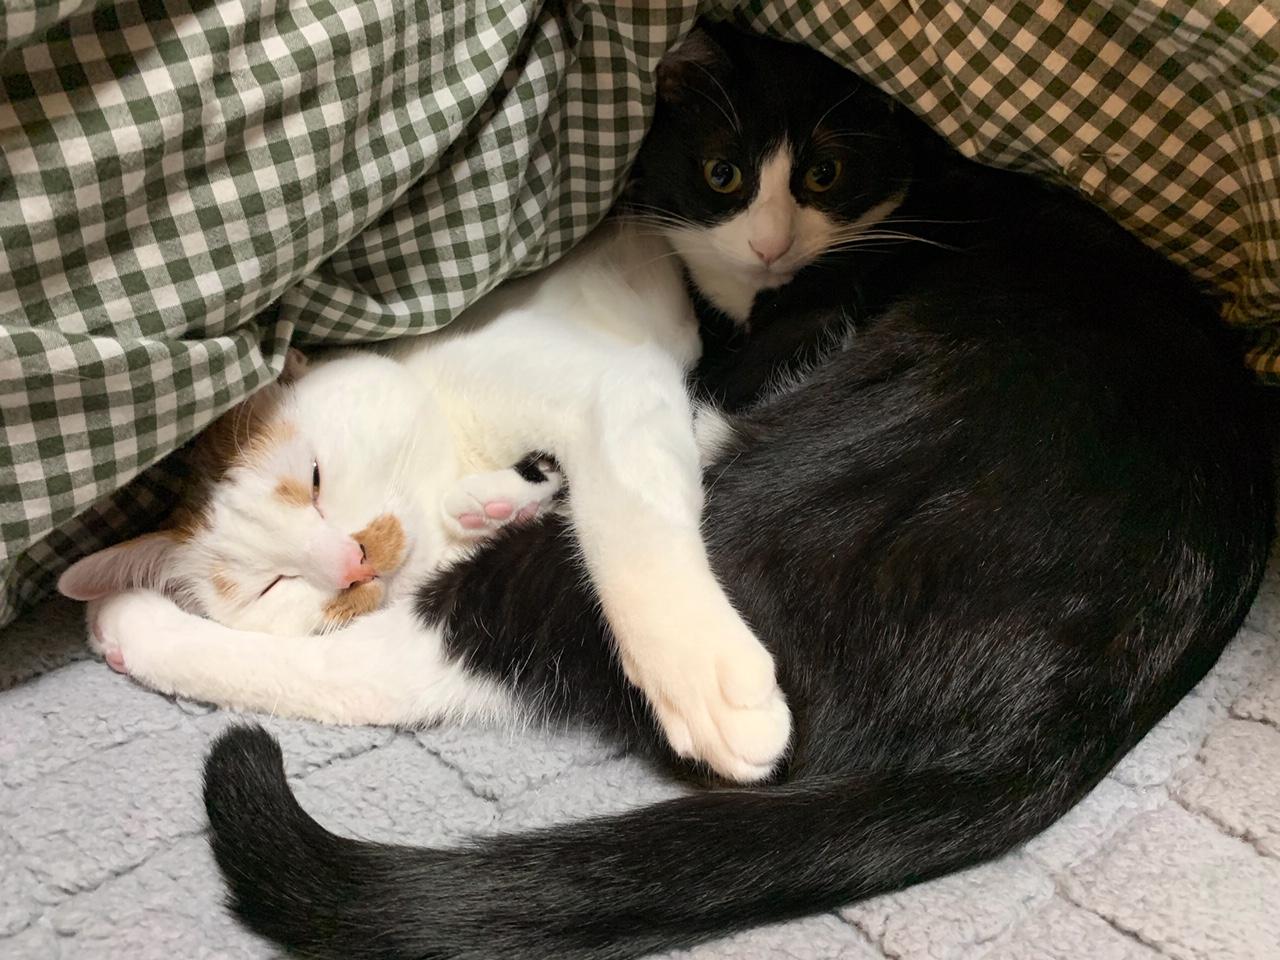 【今月のにゃんこ】ラビくんのおねむな瞬間5選! 可愛すぎる寝姿にきゅん_5